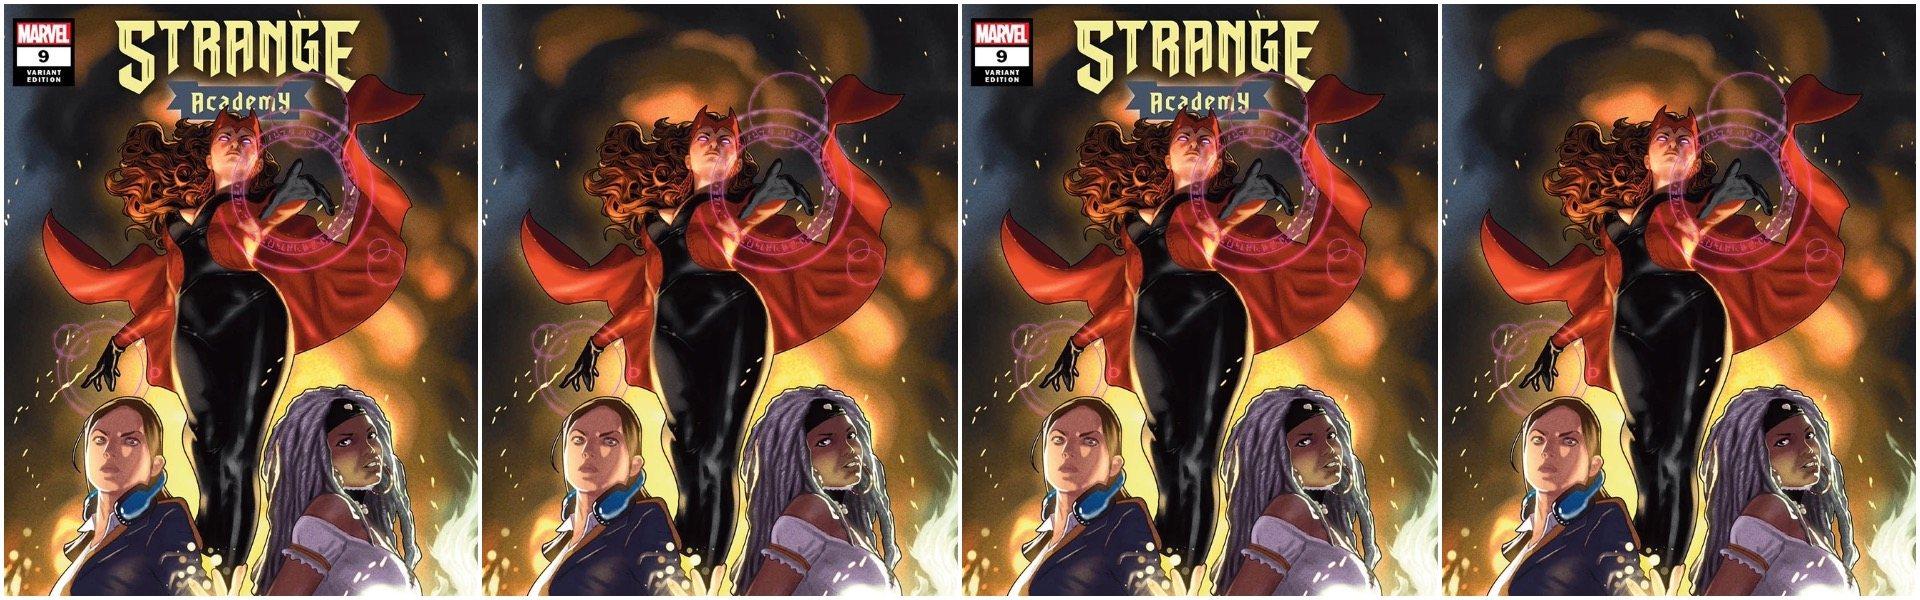 Strange Academy #9 Taurin Clarke Variants